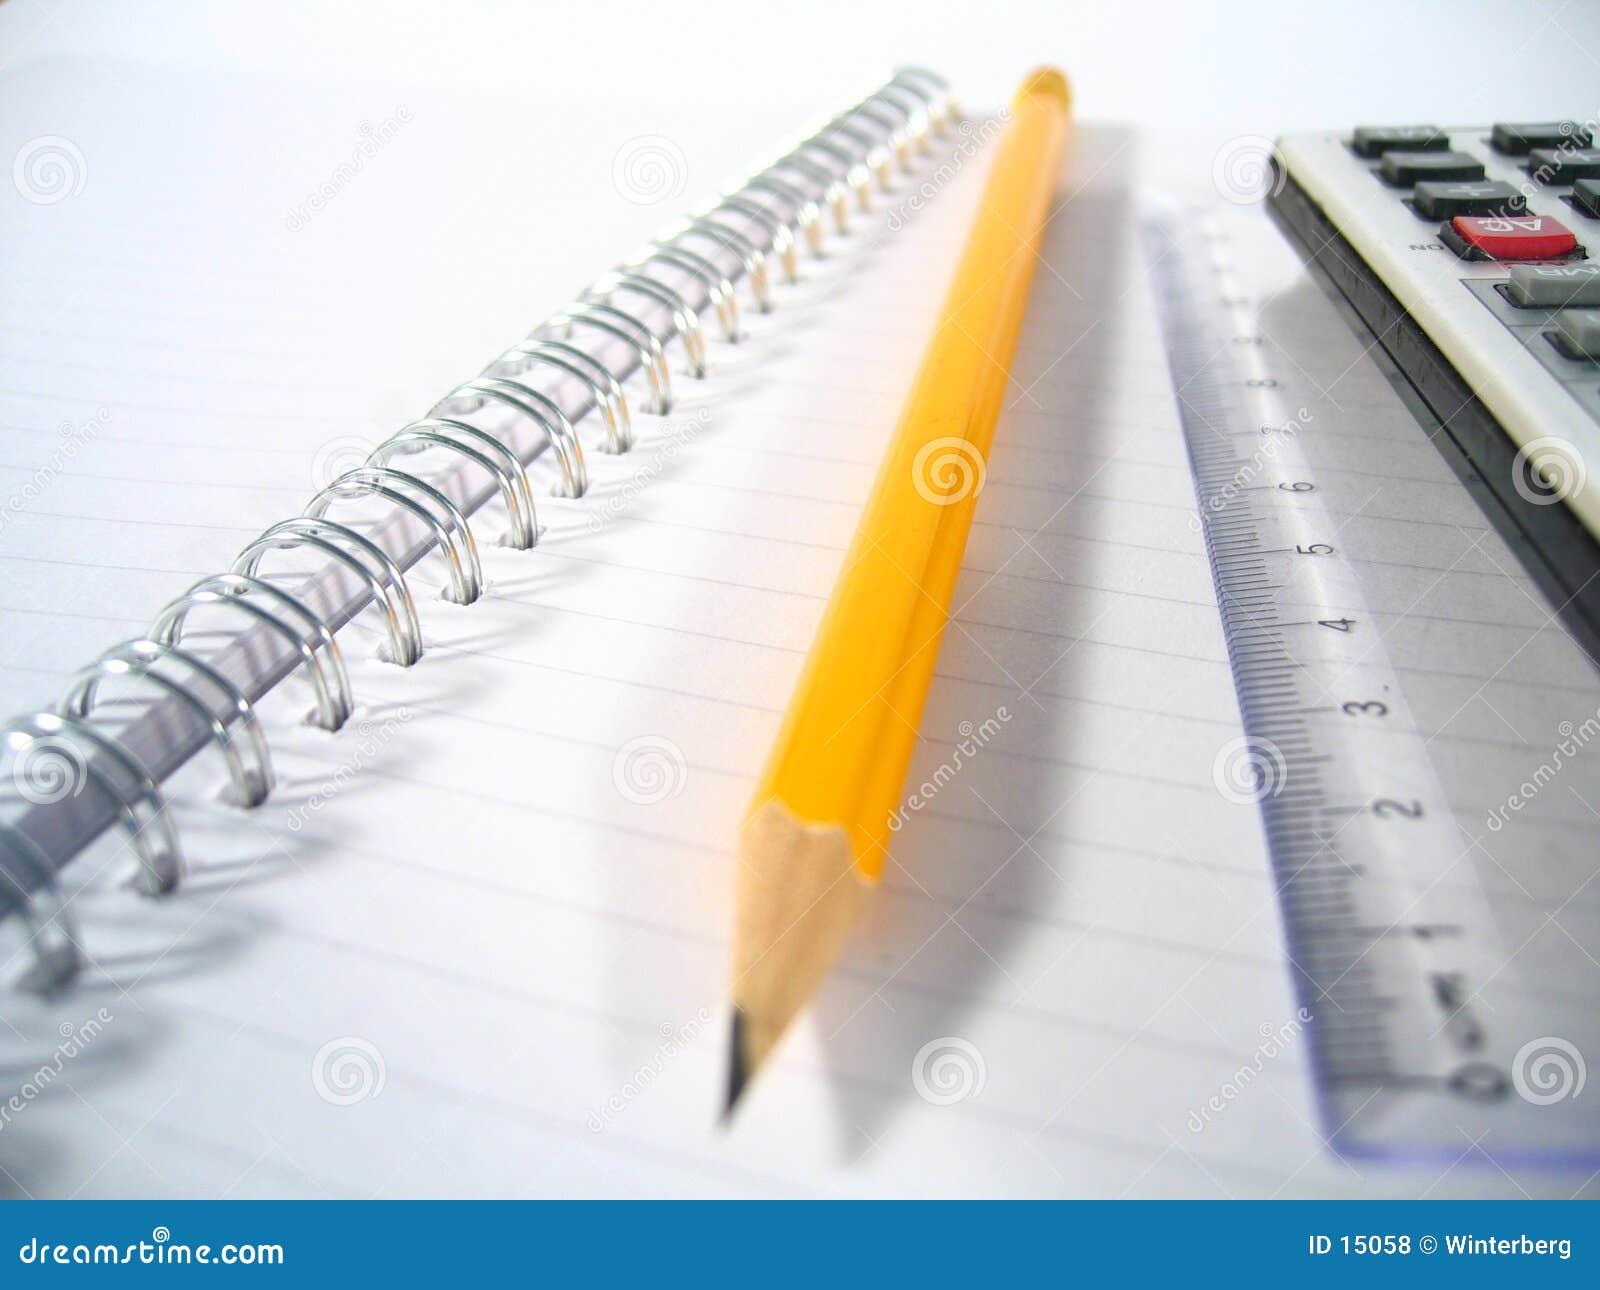 Almofada de escrita com lápis mim